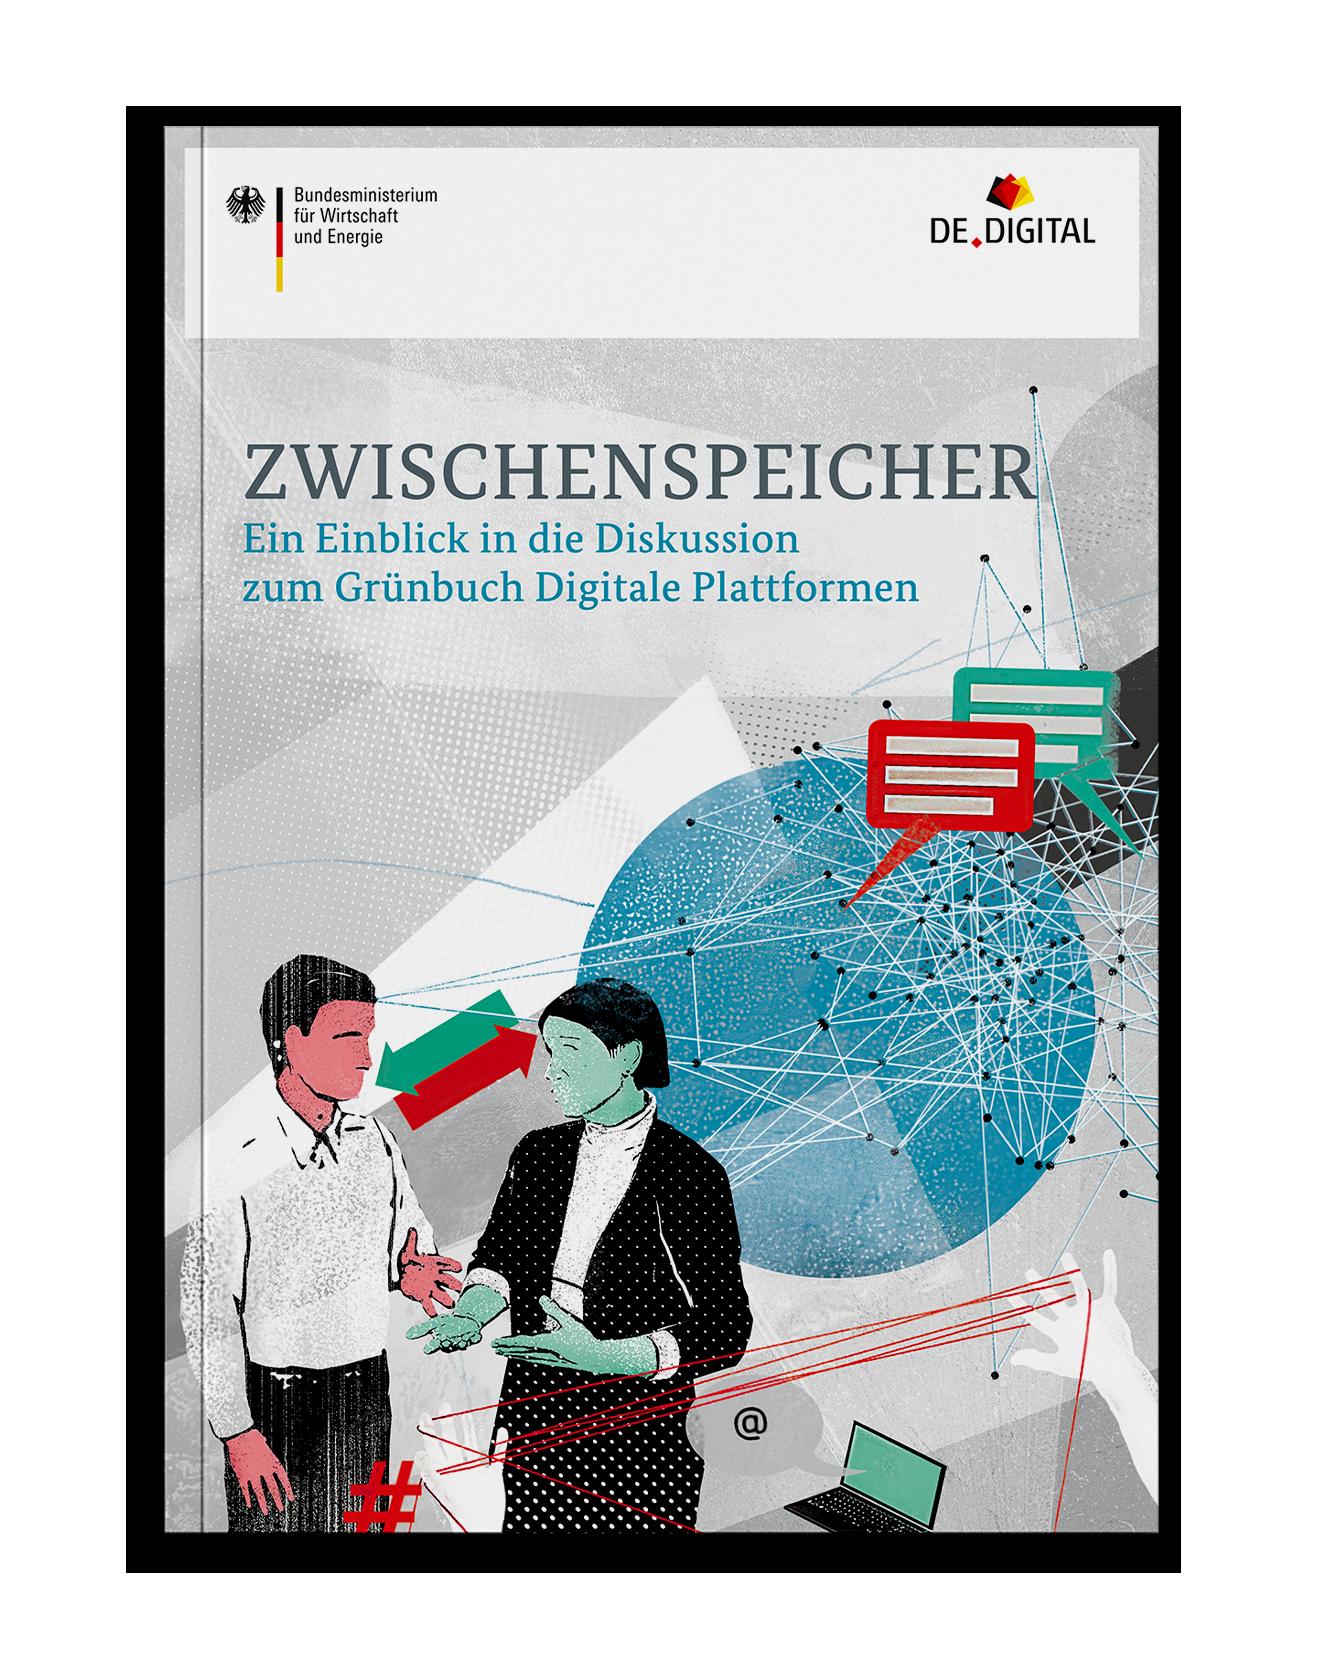 Coverdesign Zwischenspeicher – ein Einblick in die Diskussion zum Grünbuch Digitale Plattformen für das Bundesministerium für Wirtschaft und Energie